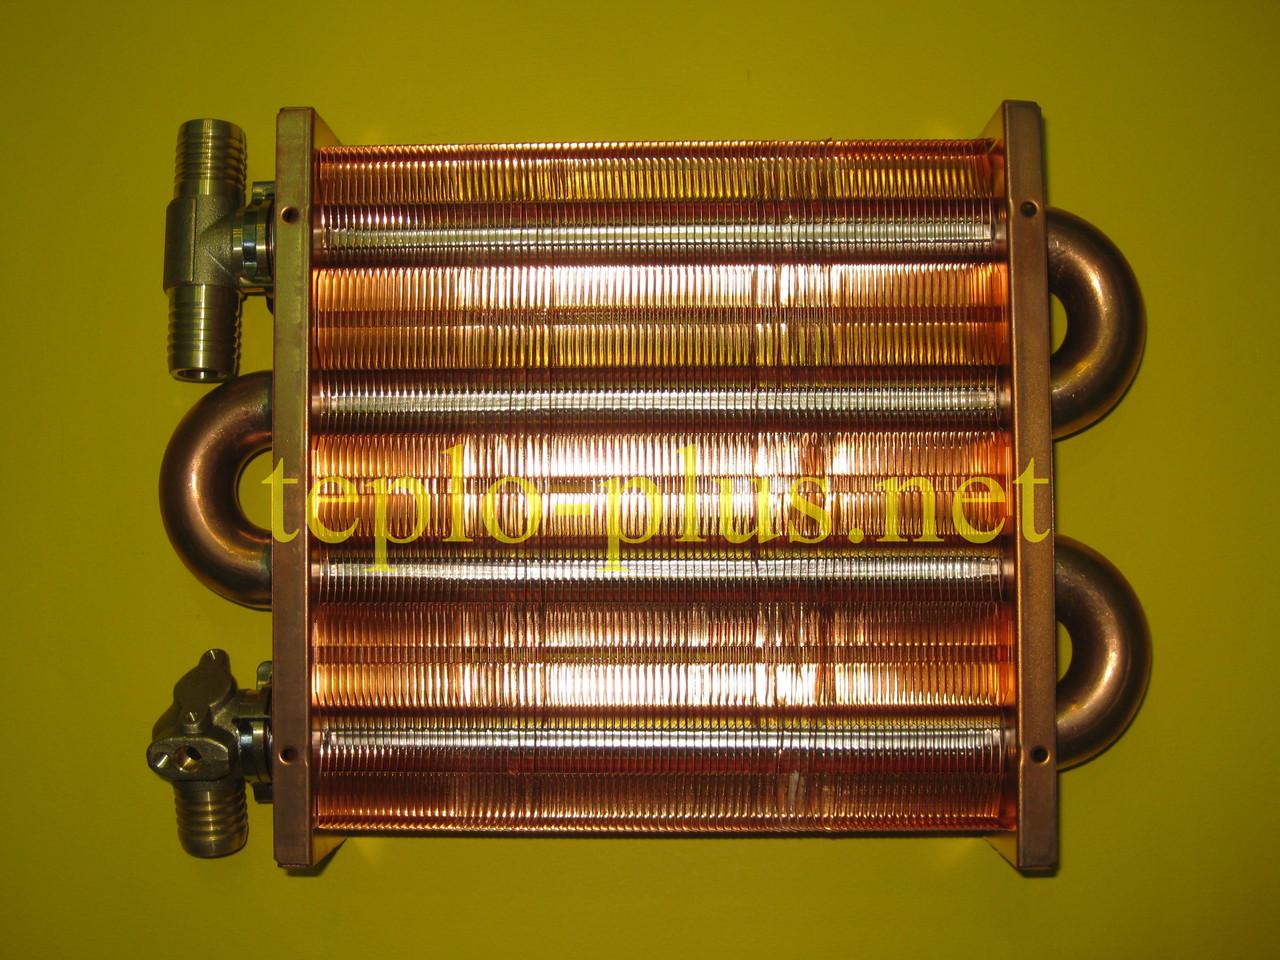 Теплообменник отопления на газовый котел daewoo Кожухотрубный теплообменник Alfa Laval ViscoLine VLA 25/34/76/85-6 Пенза